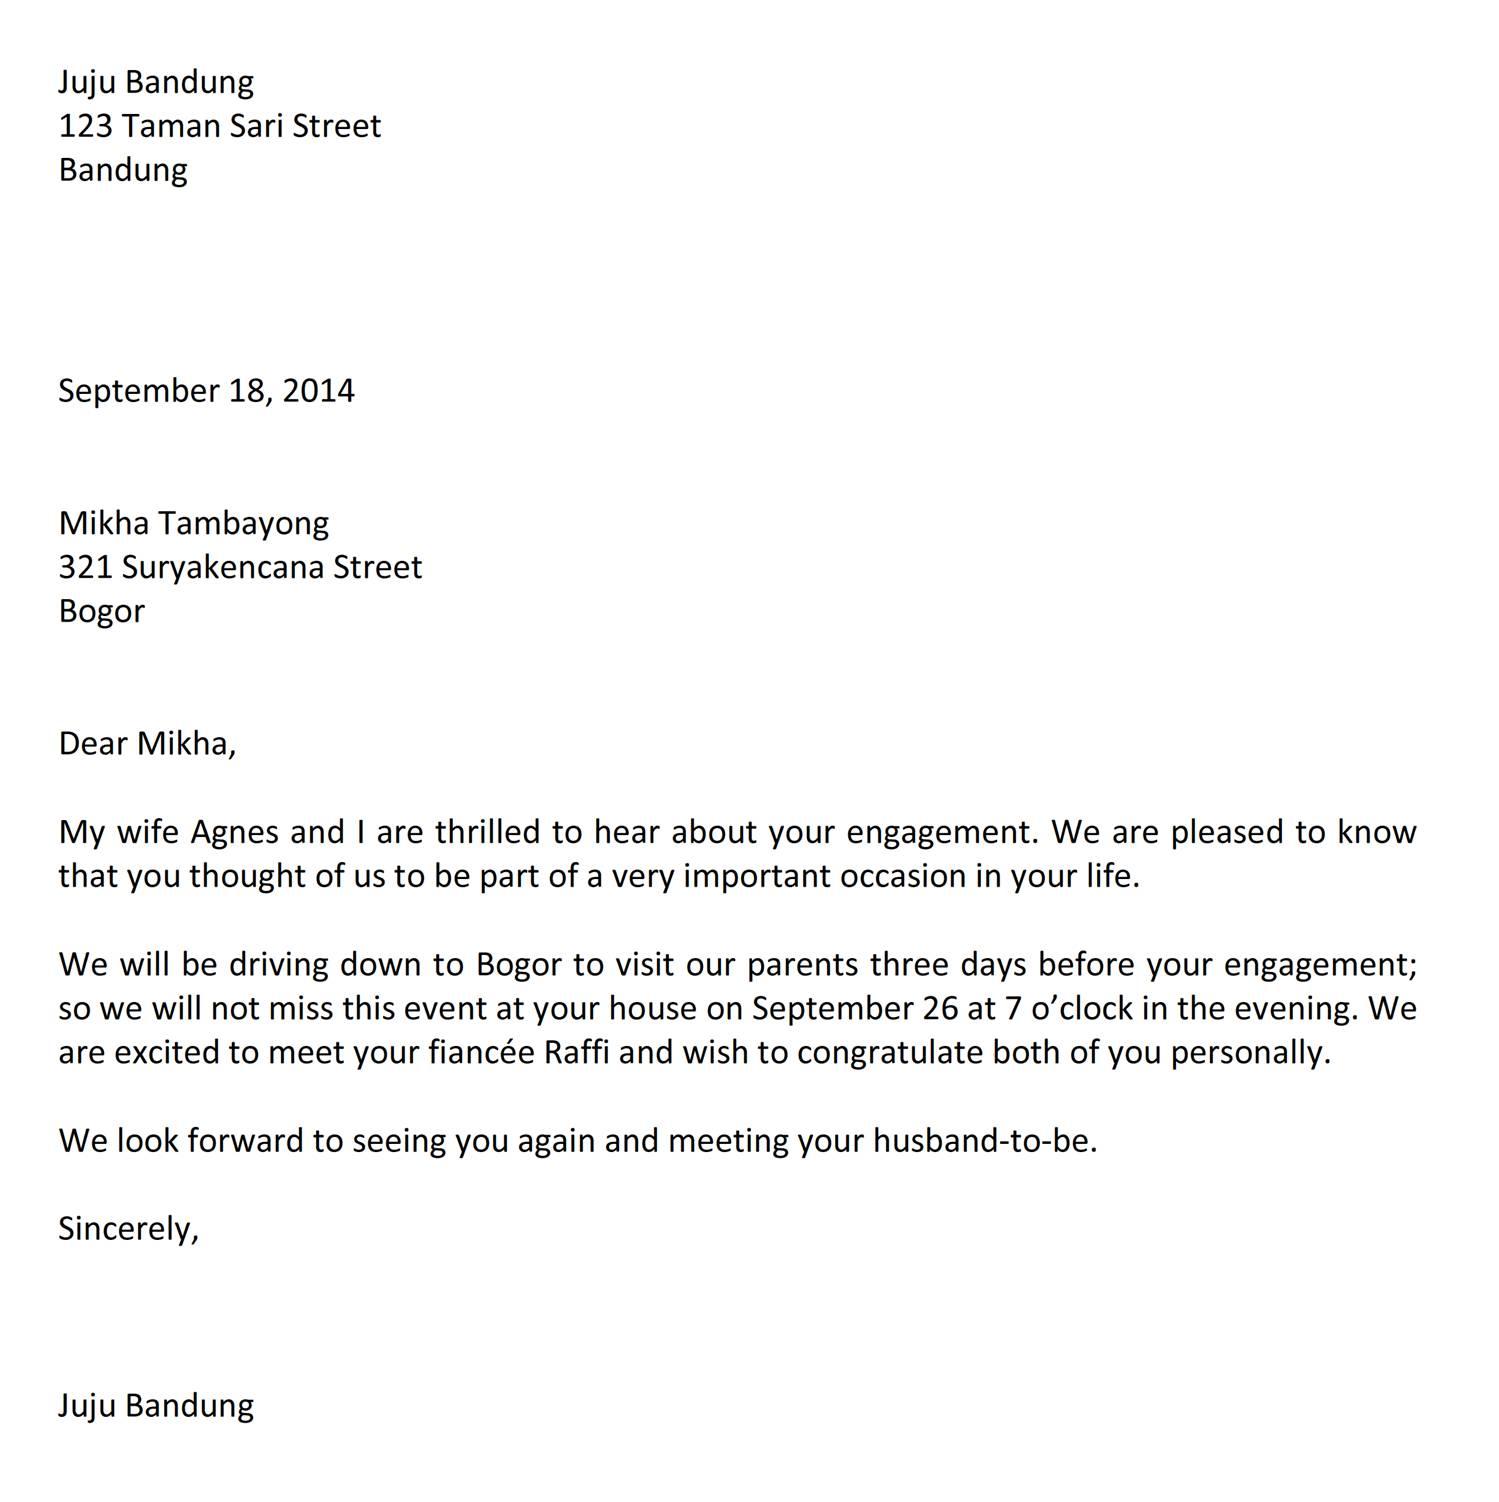 Surat Menjawab Undangan Bahasa Inggris Jujubandung